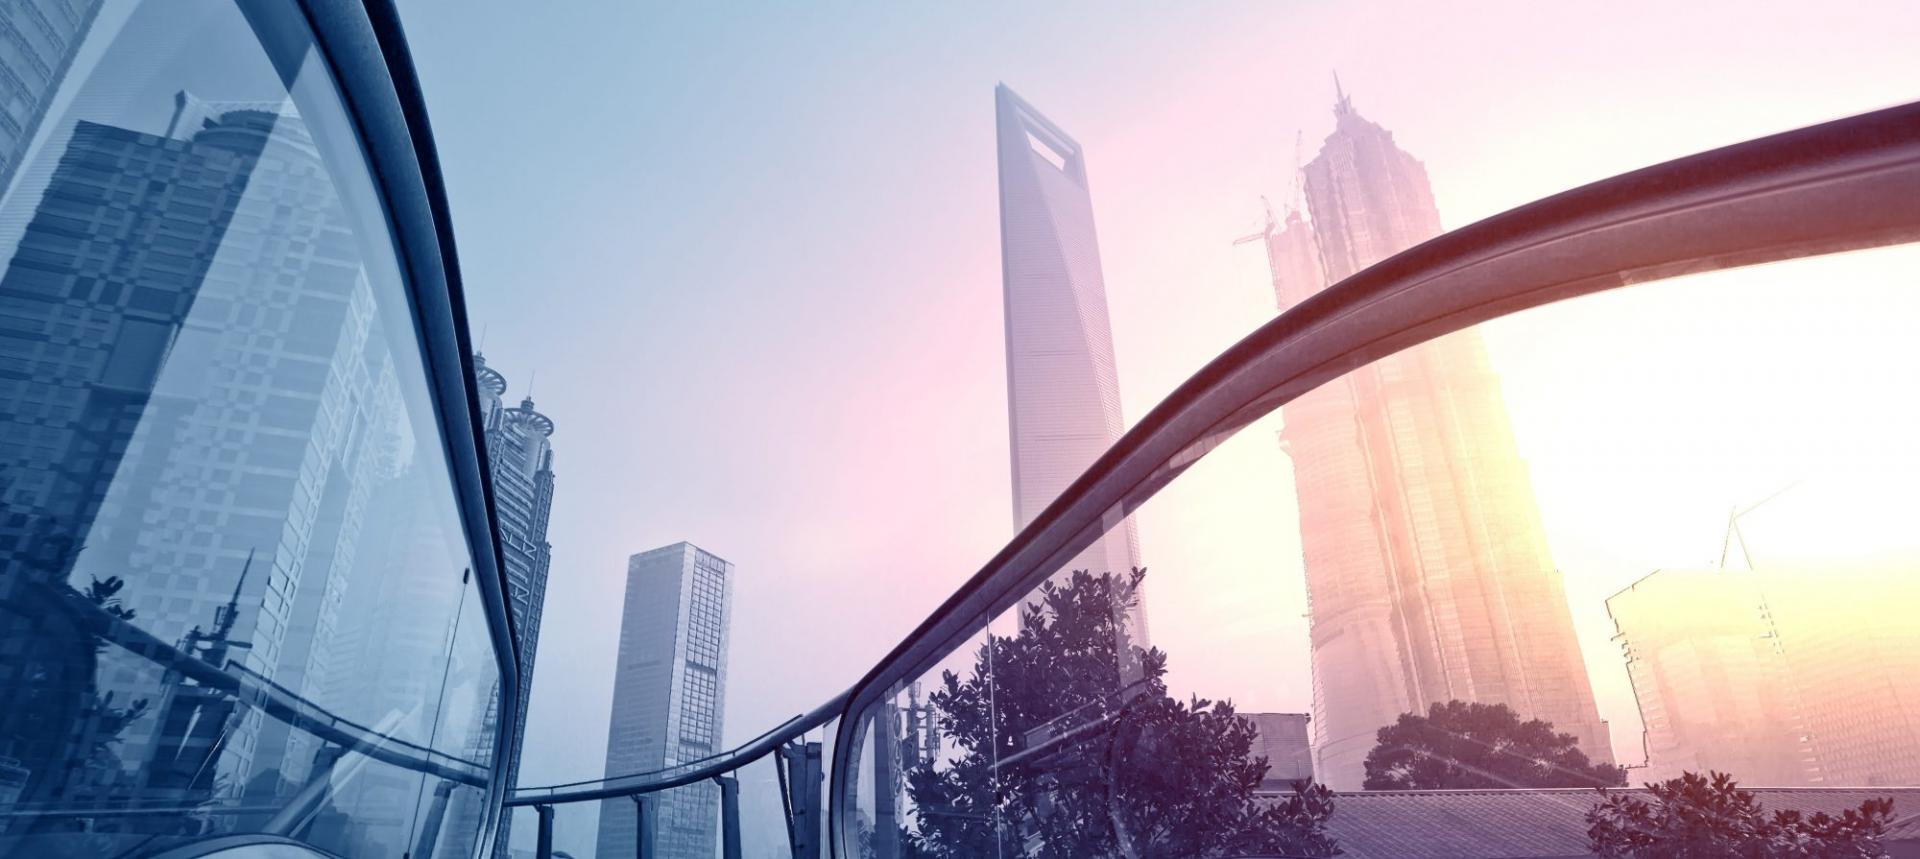 Наши студенты прибыли в Шанхайский Университет